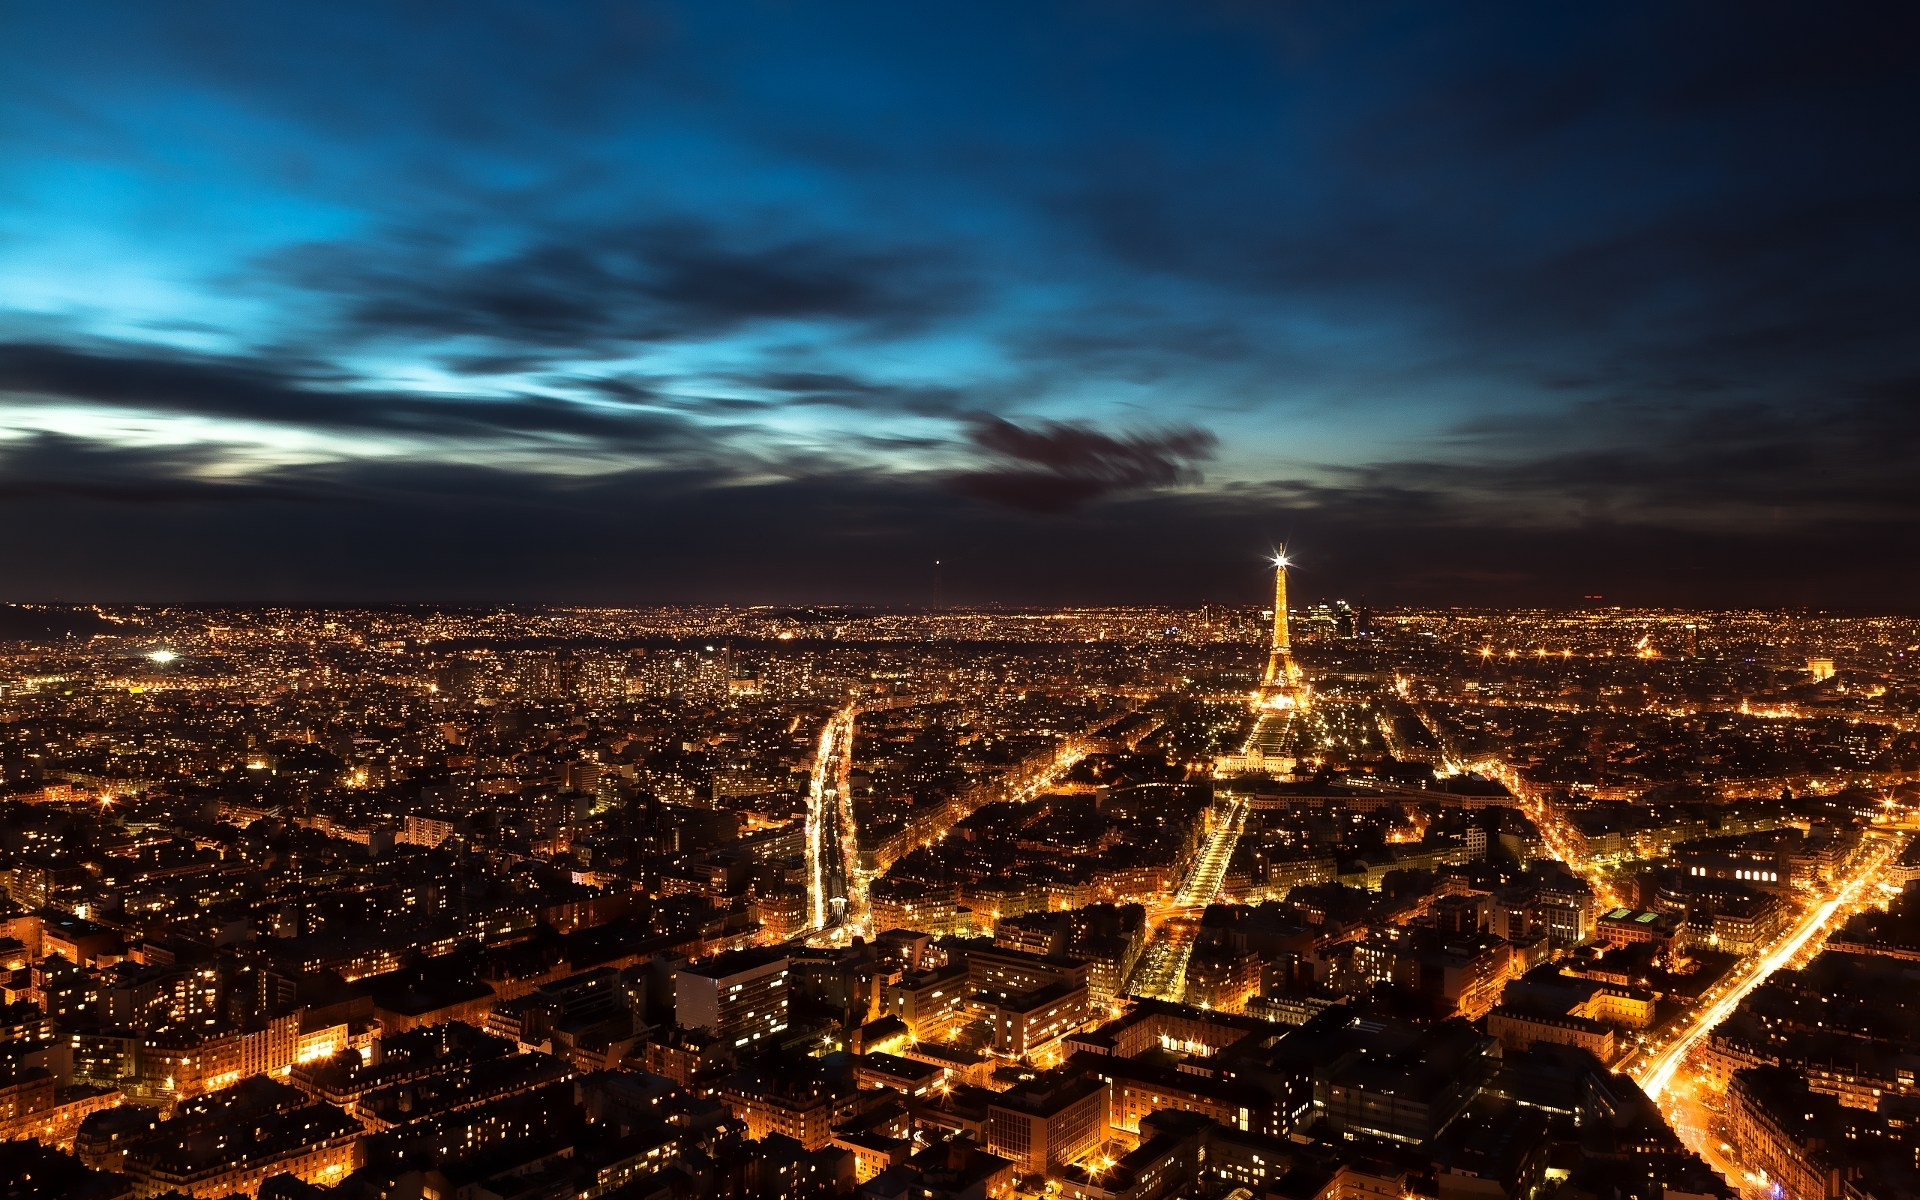 parixnight - 10 000 fonds d'écran hd gratuits et de qualité